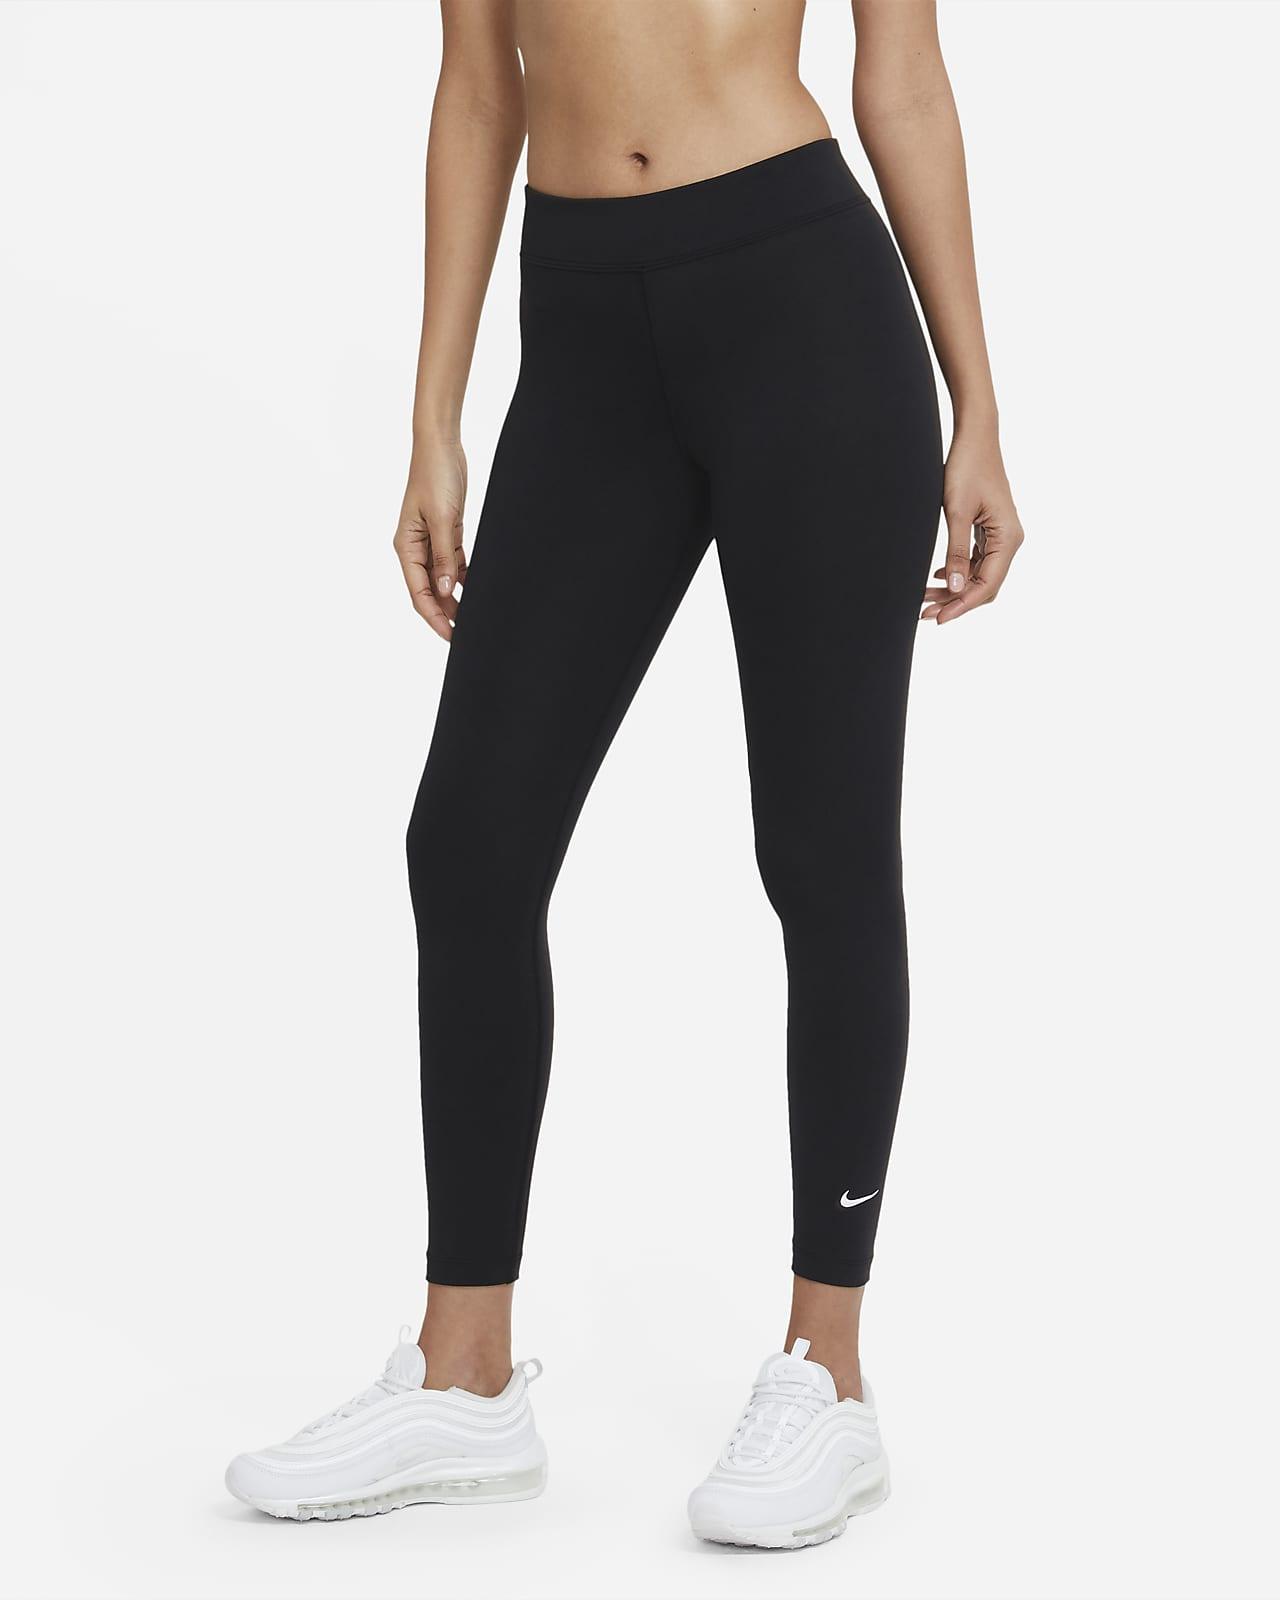 Nike Sportswear Essential Leggings de talle medio de 7/8 - Mujer